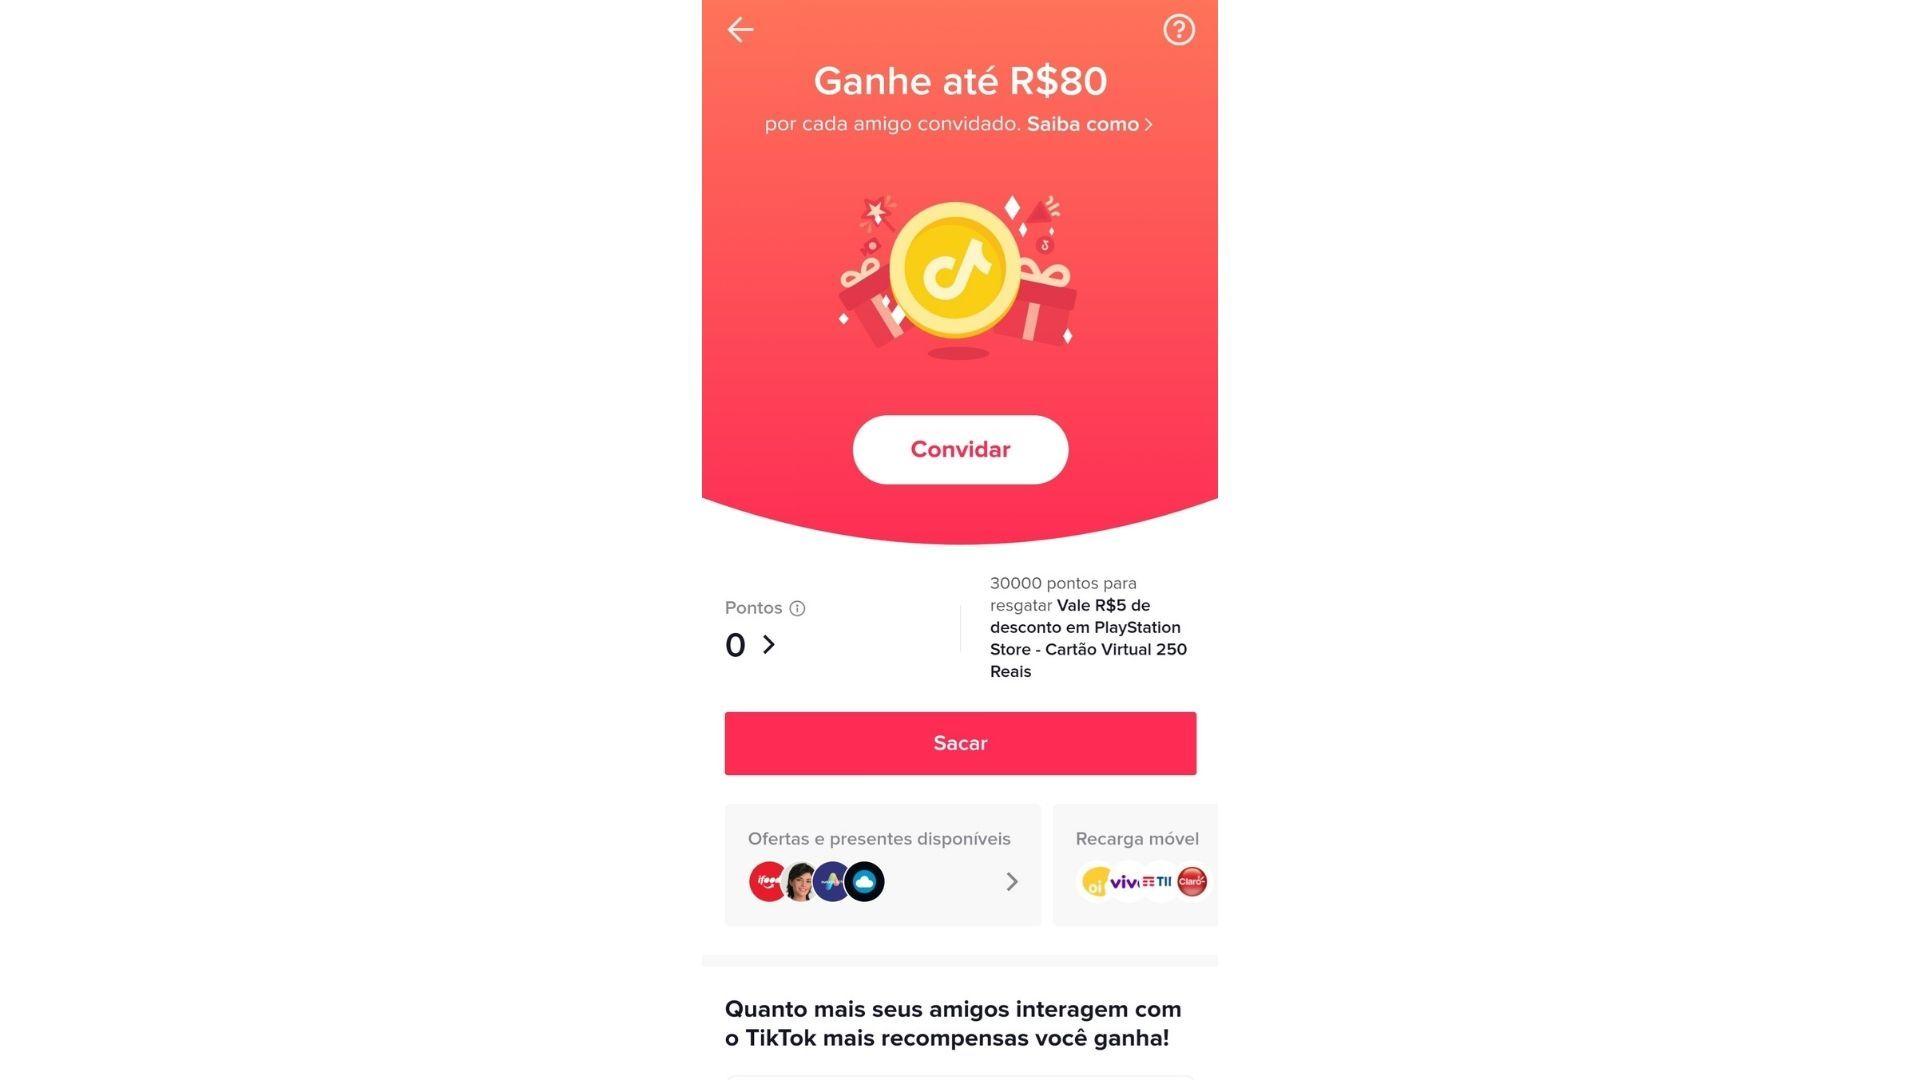 TikTok dá recompensa para quem indica o app para amigos (Reprodução/TikTok)